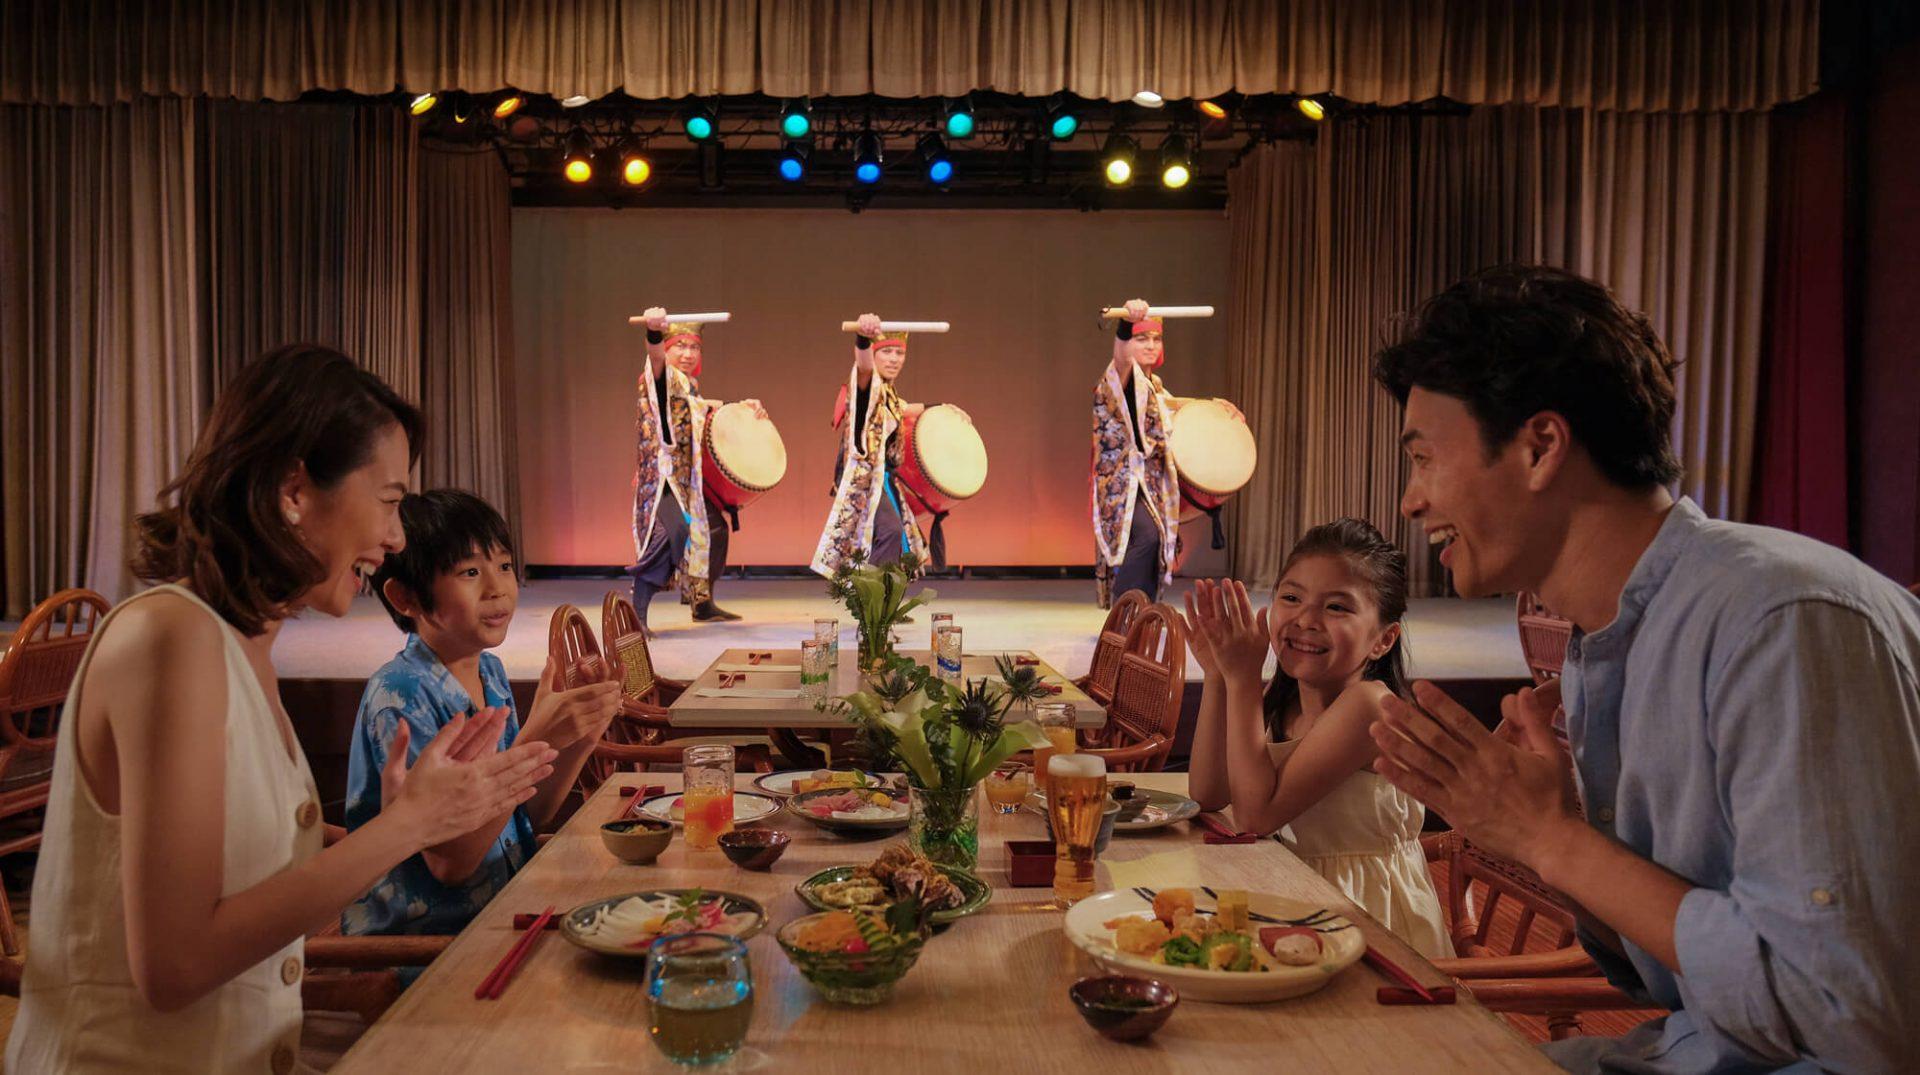 琉球料理 オーキッド 恩納村 ホテル ANA インター コンチネンタル 万座 ビーチ リゾート